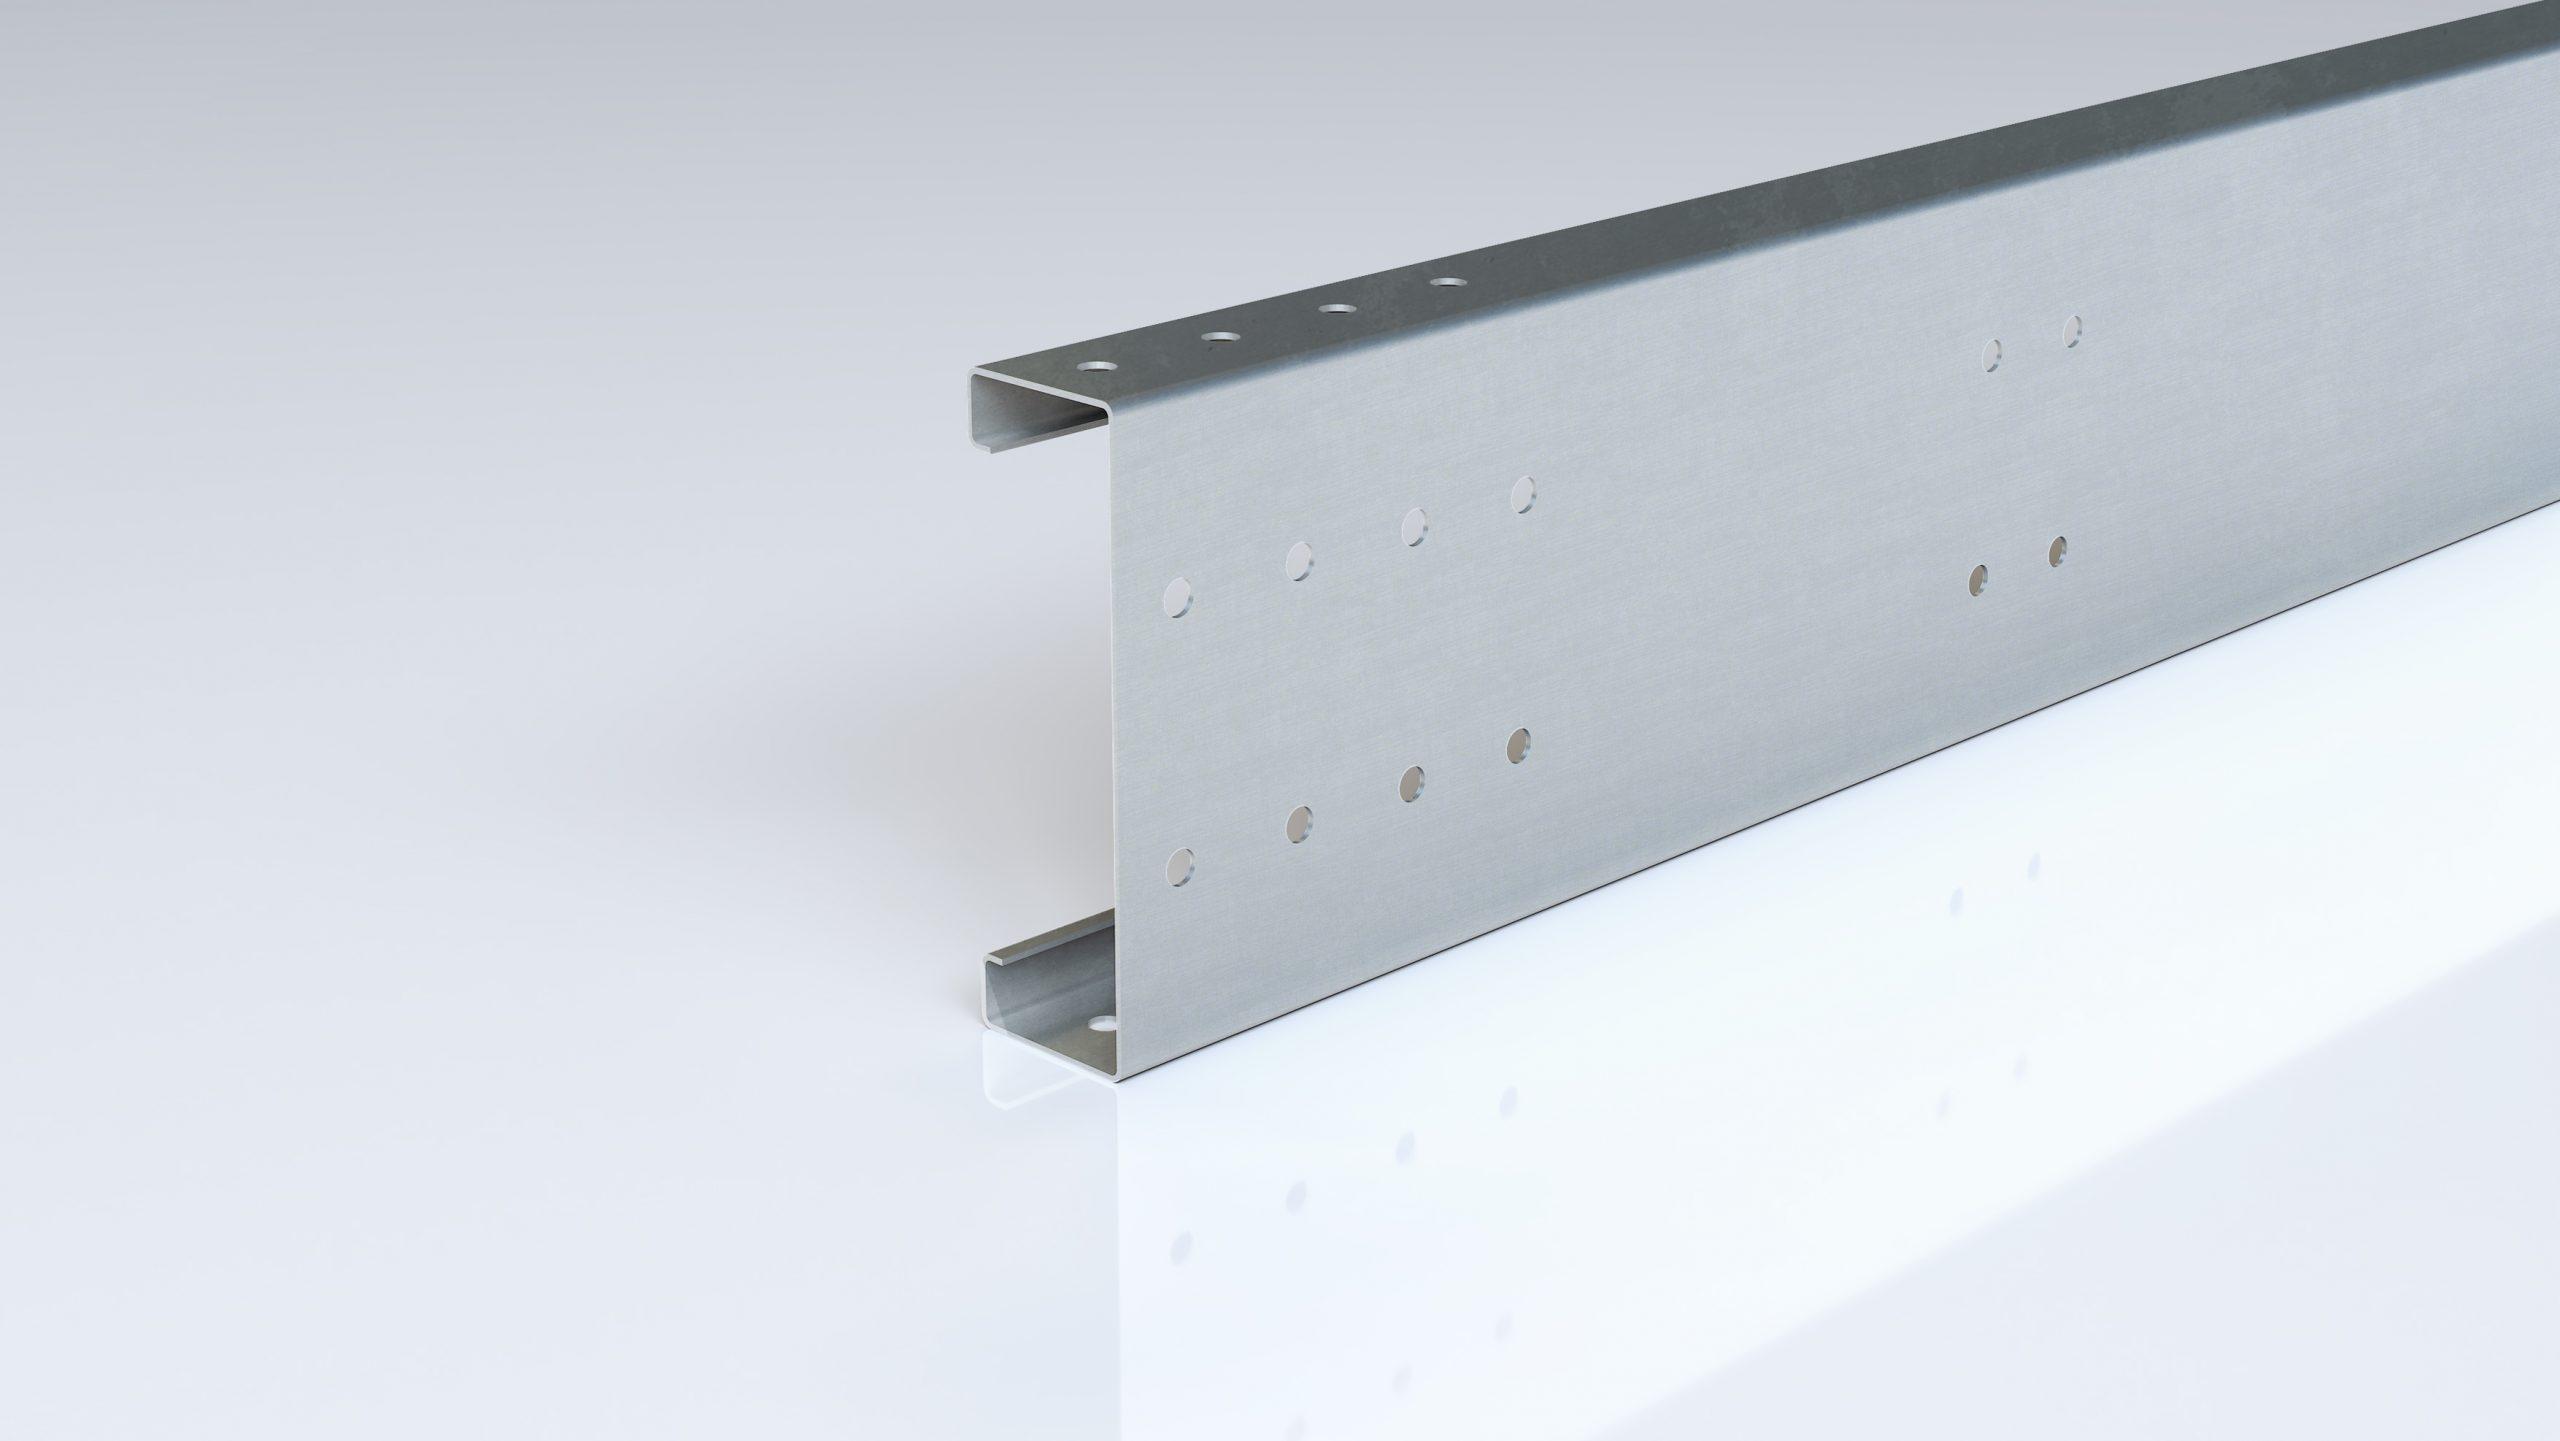 Foto de perfil de acero conformado en frío zebra u pl